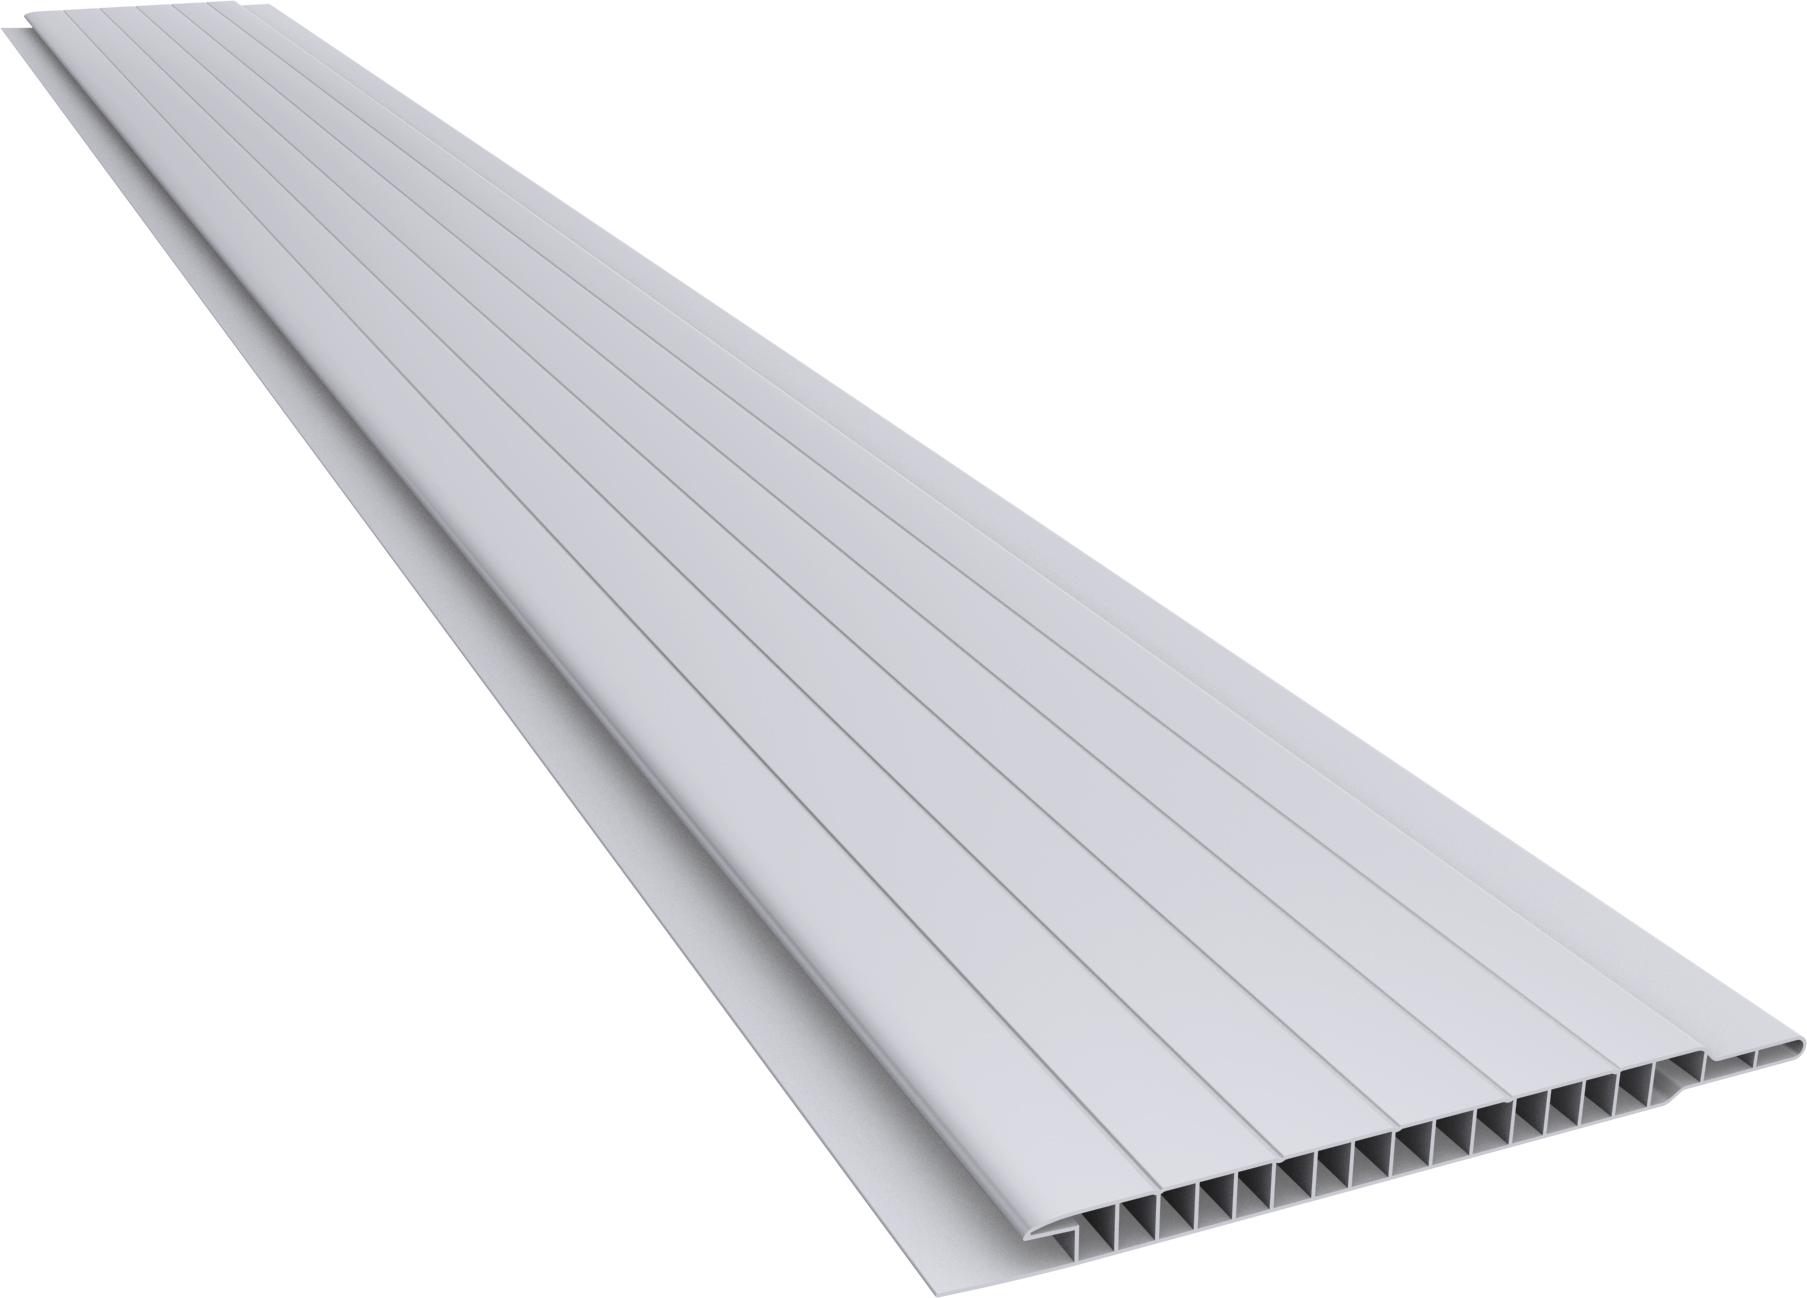 Forro PVC 100 Frisado 7mm